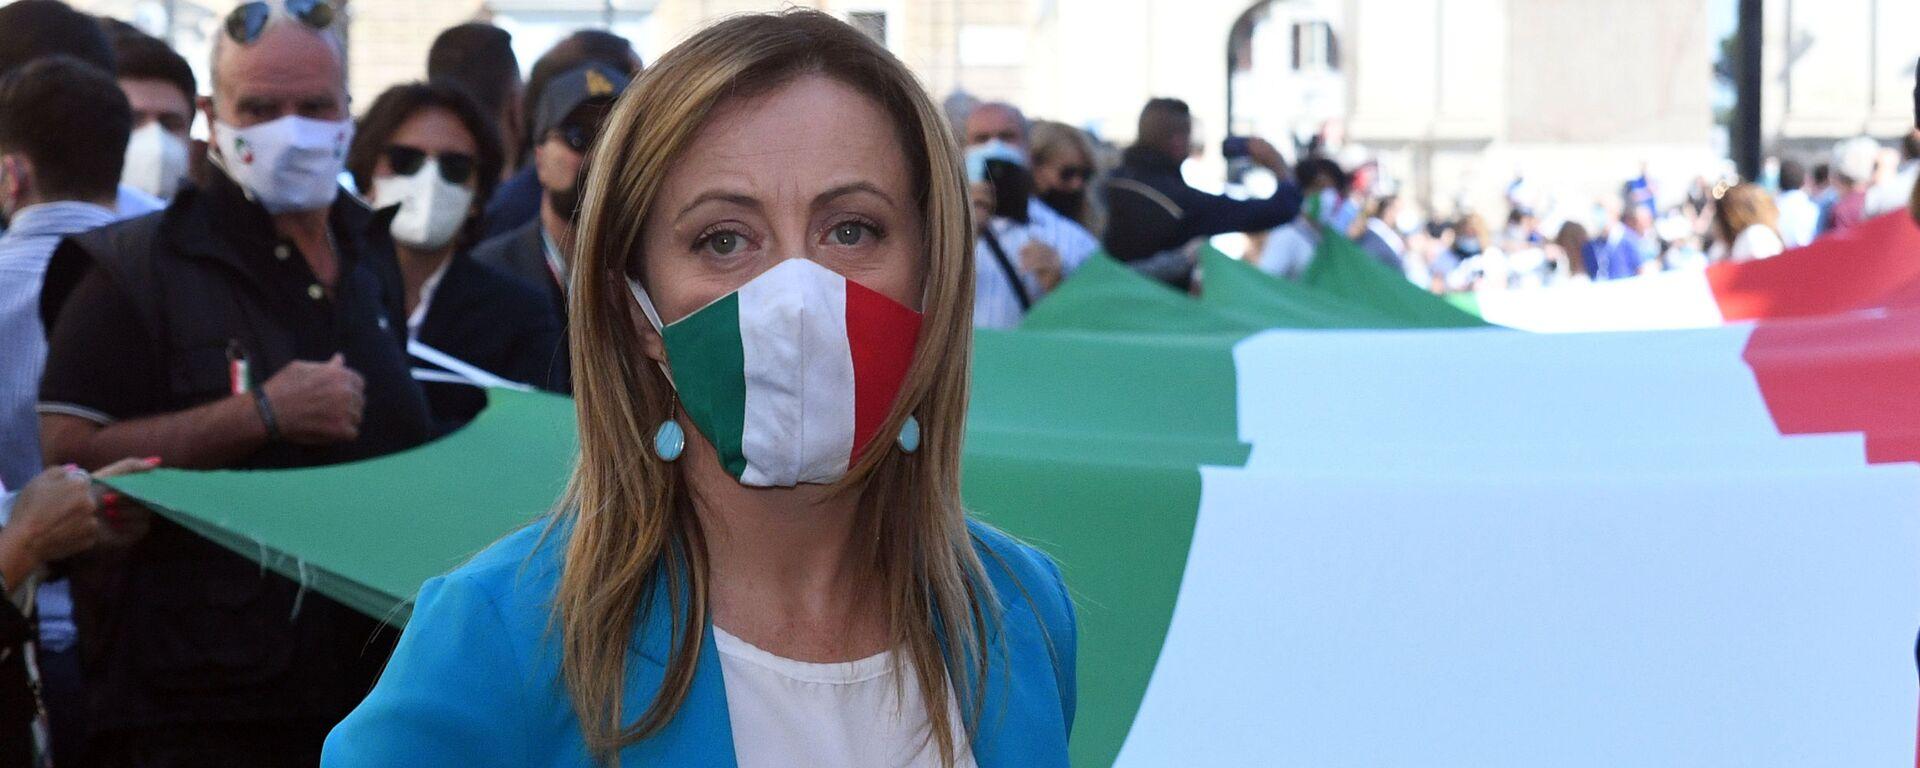 Manifestazione del centro destra con i leader Matteo Salvini, Giorgia Meloni e Antonio Tajani - Sputnik Italia, 1920, 26.09.2021